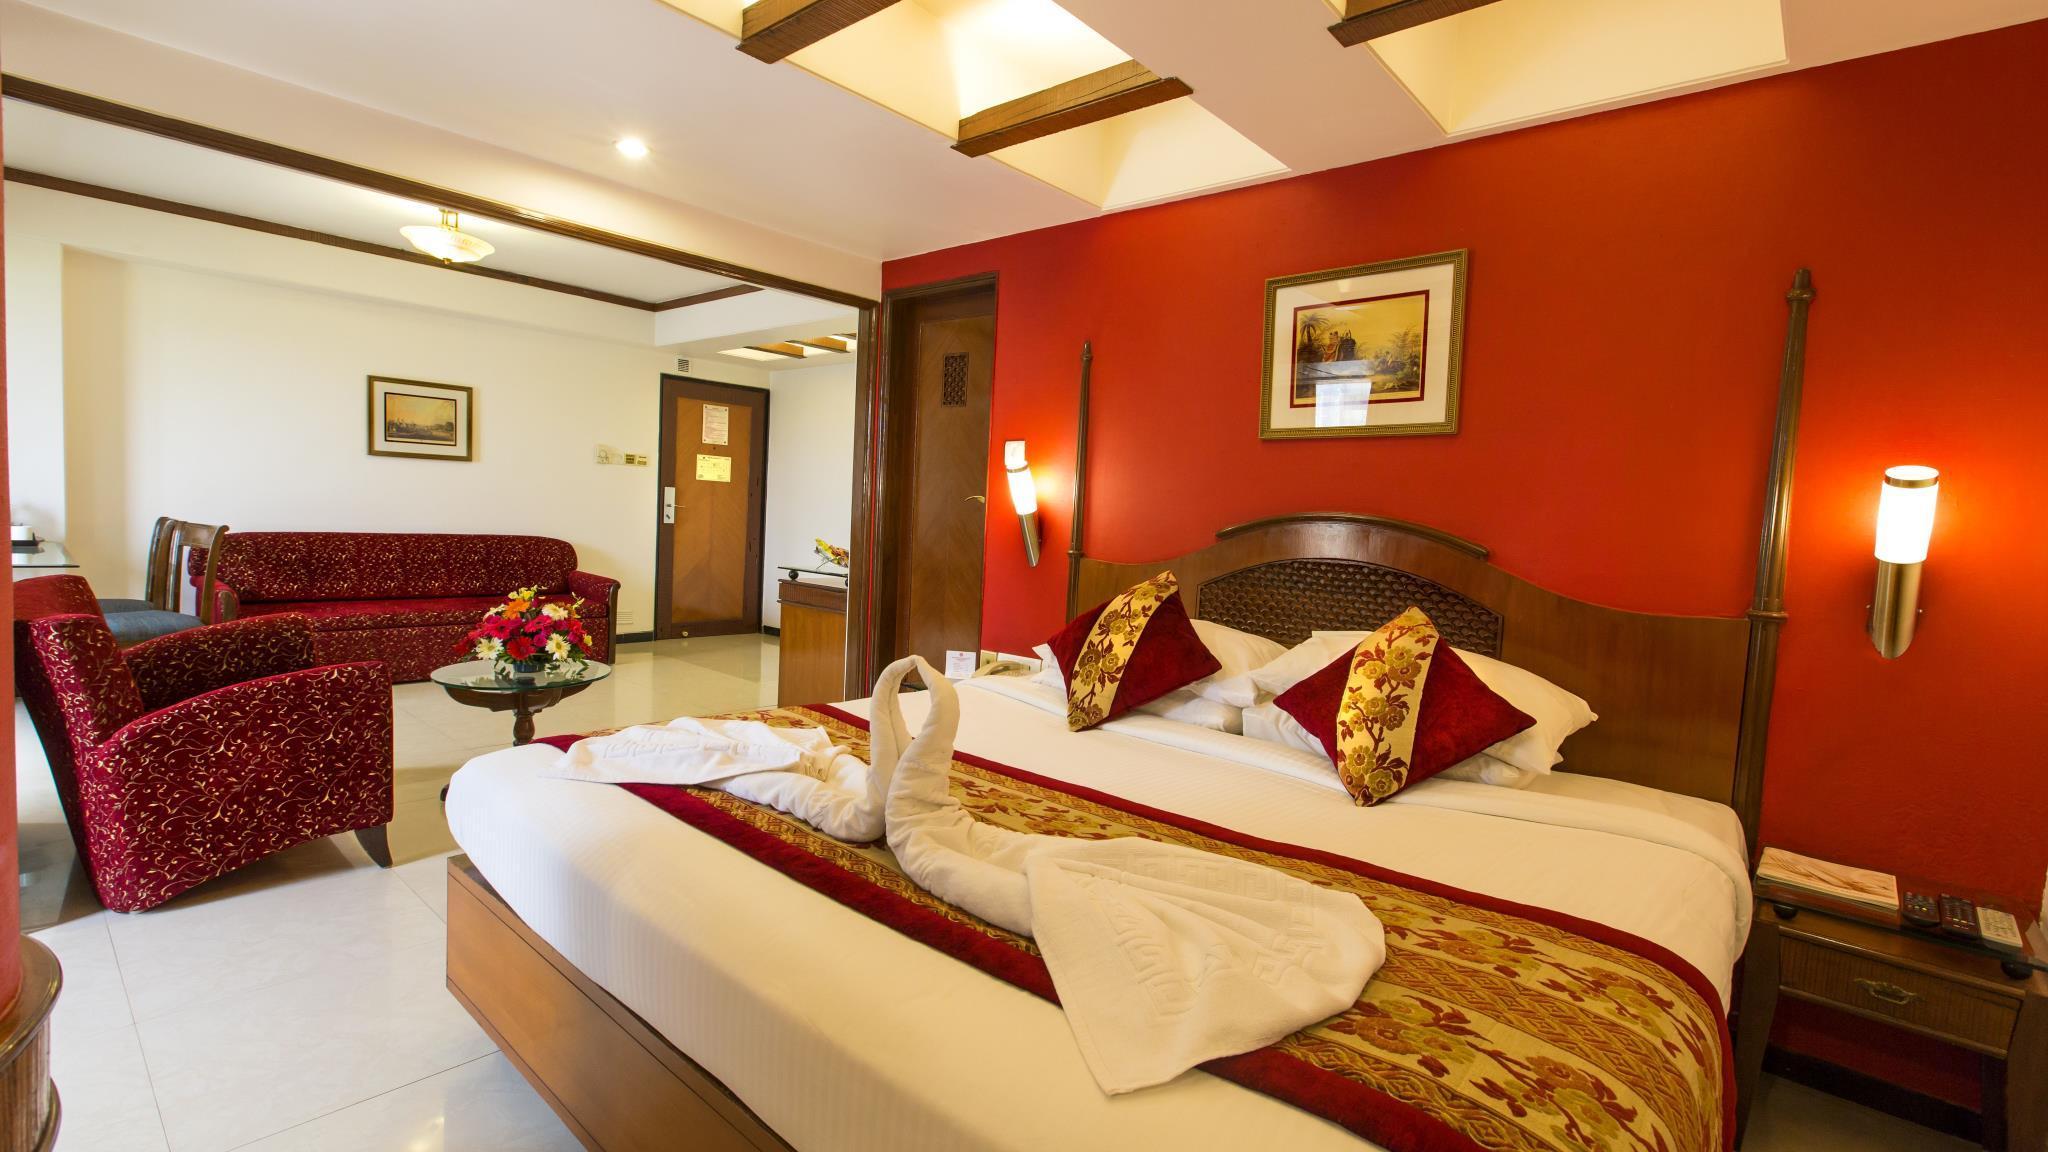 Ramee Guestline Dadar Hotel